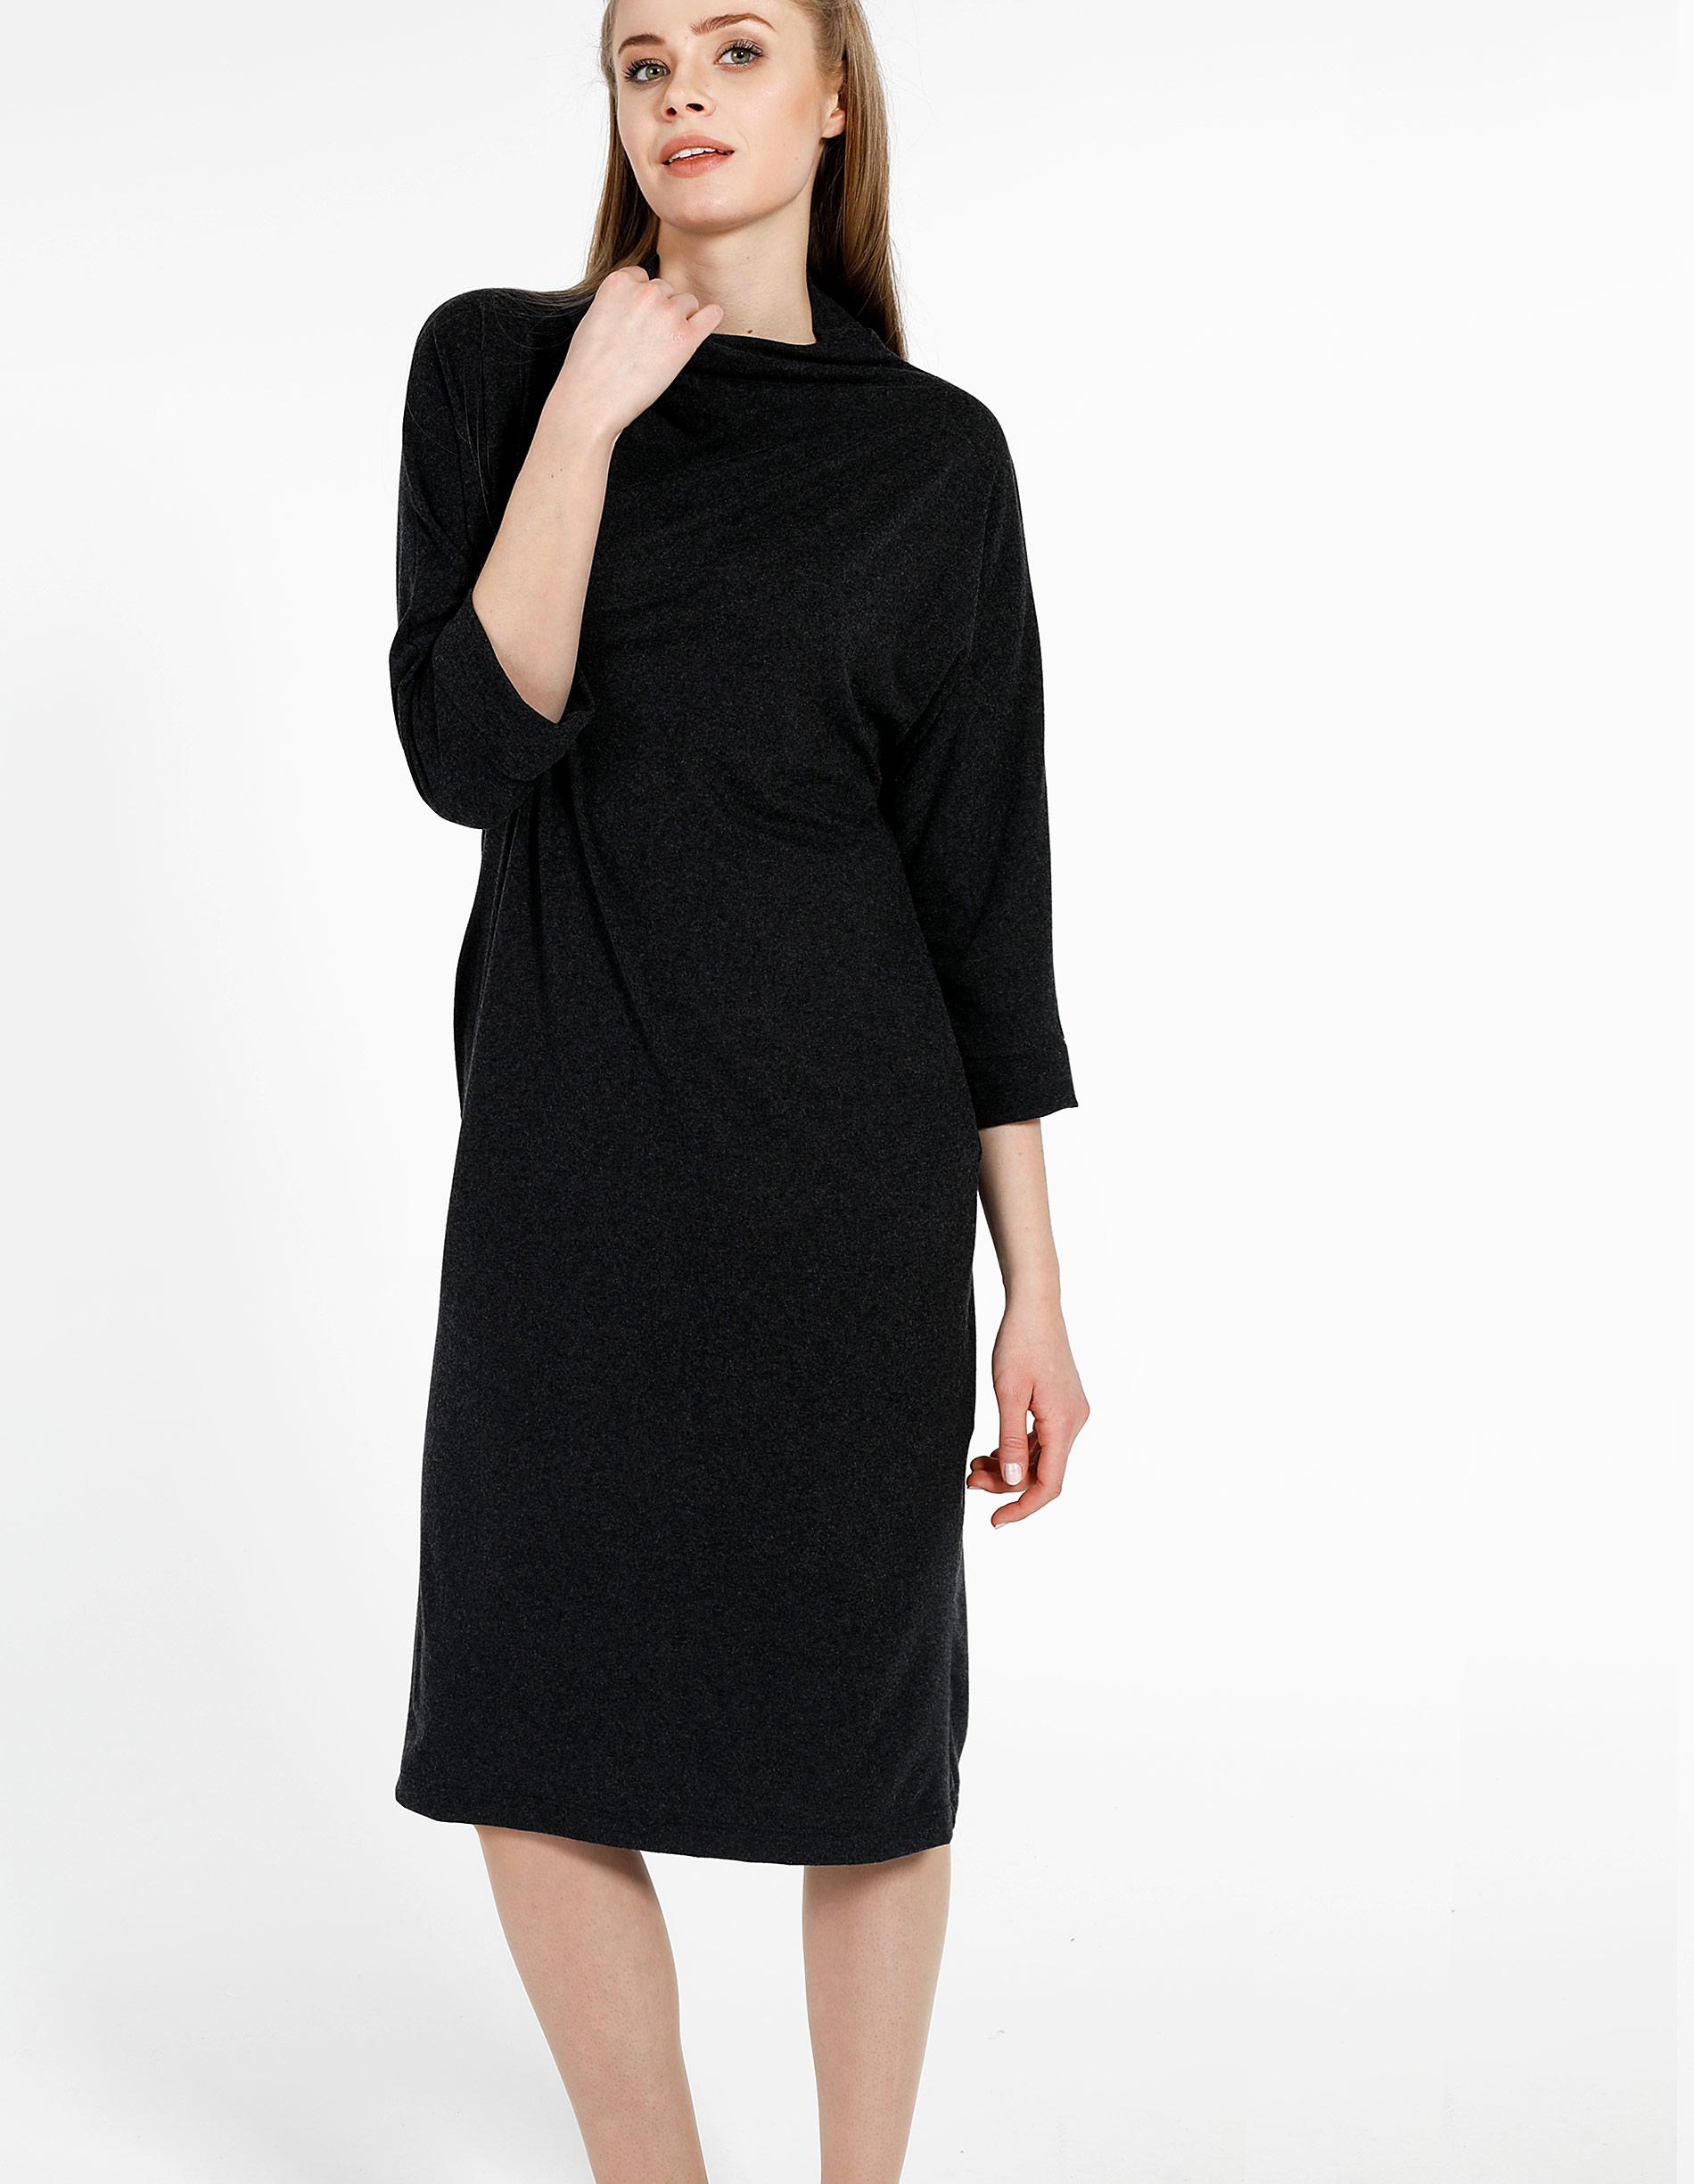 Sukienka - 30-88031 NERO - Unisono